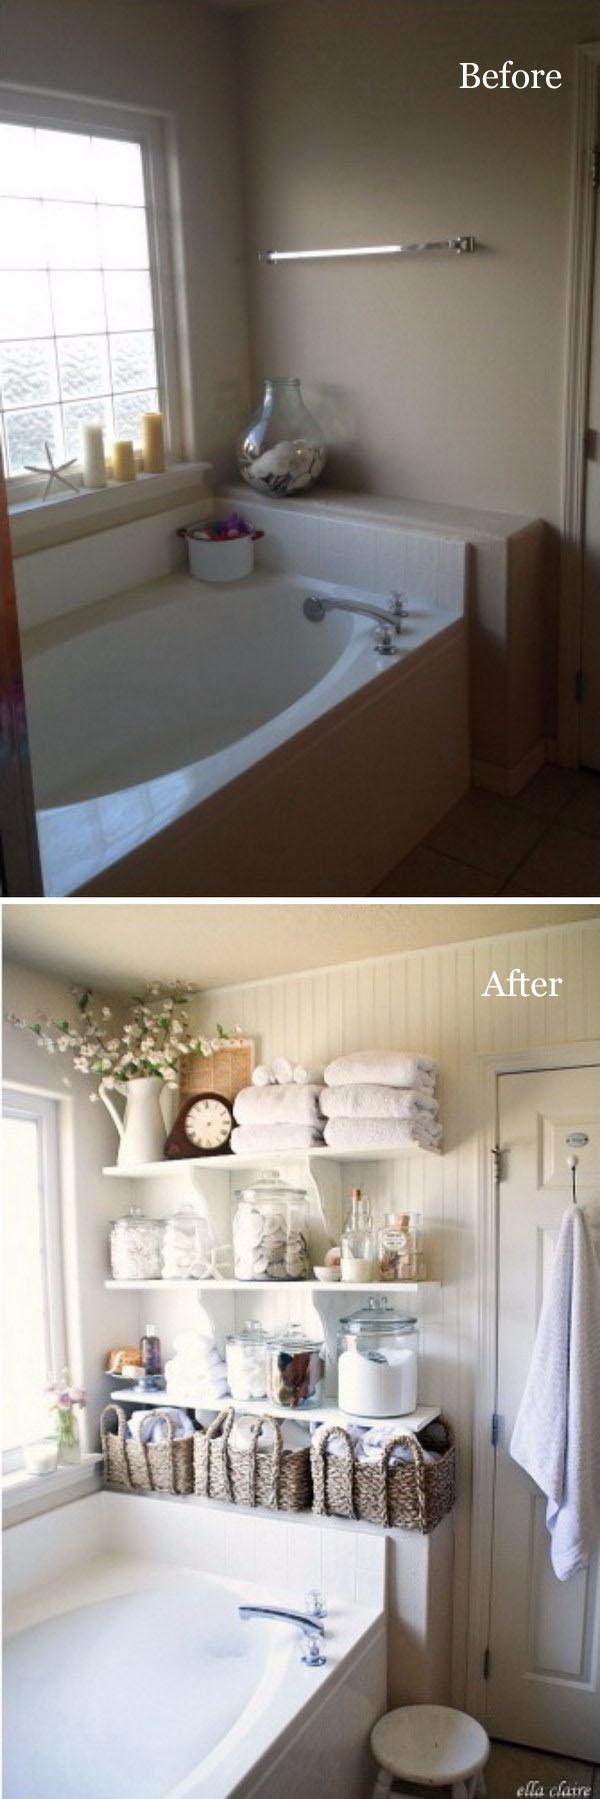 Fullsize Of Shelf Ideas For Small Bathroom